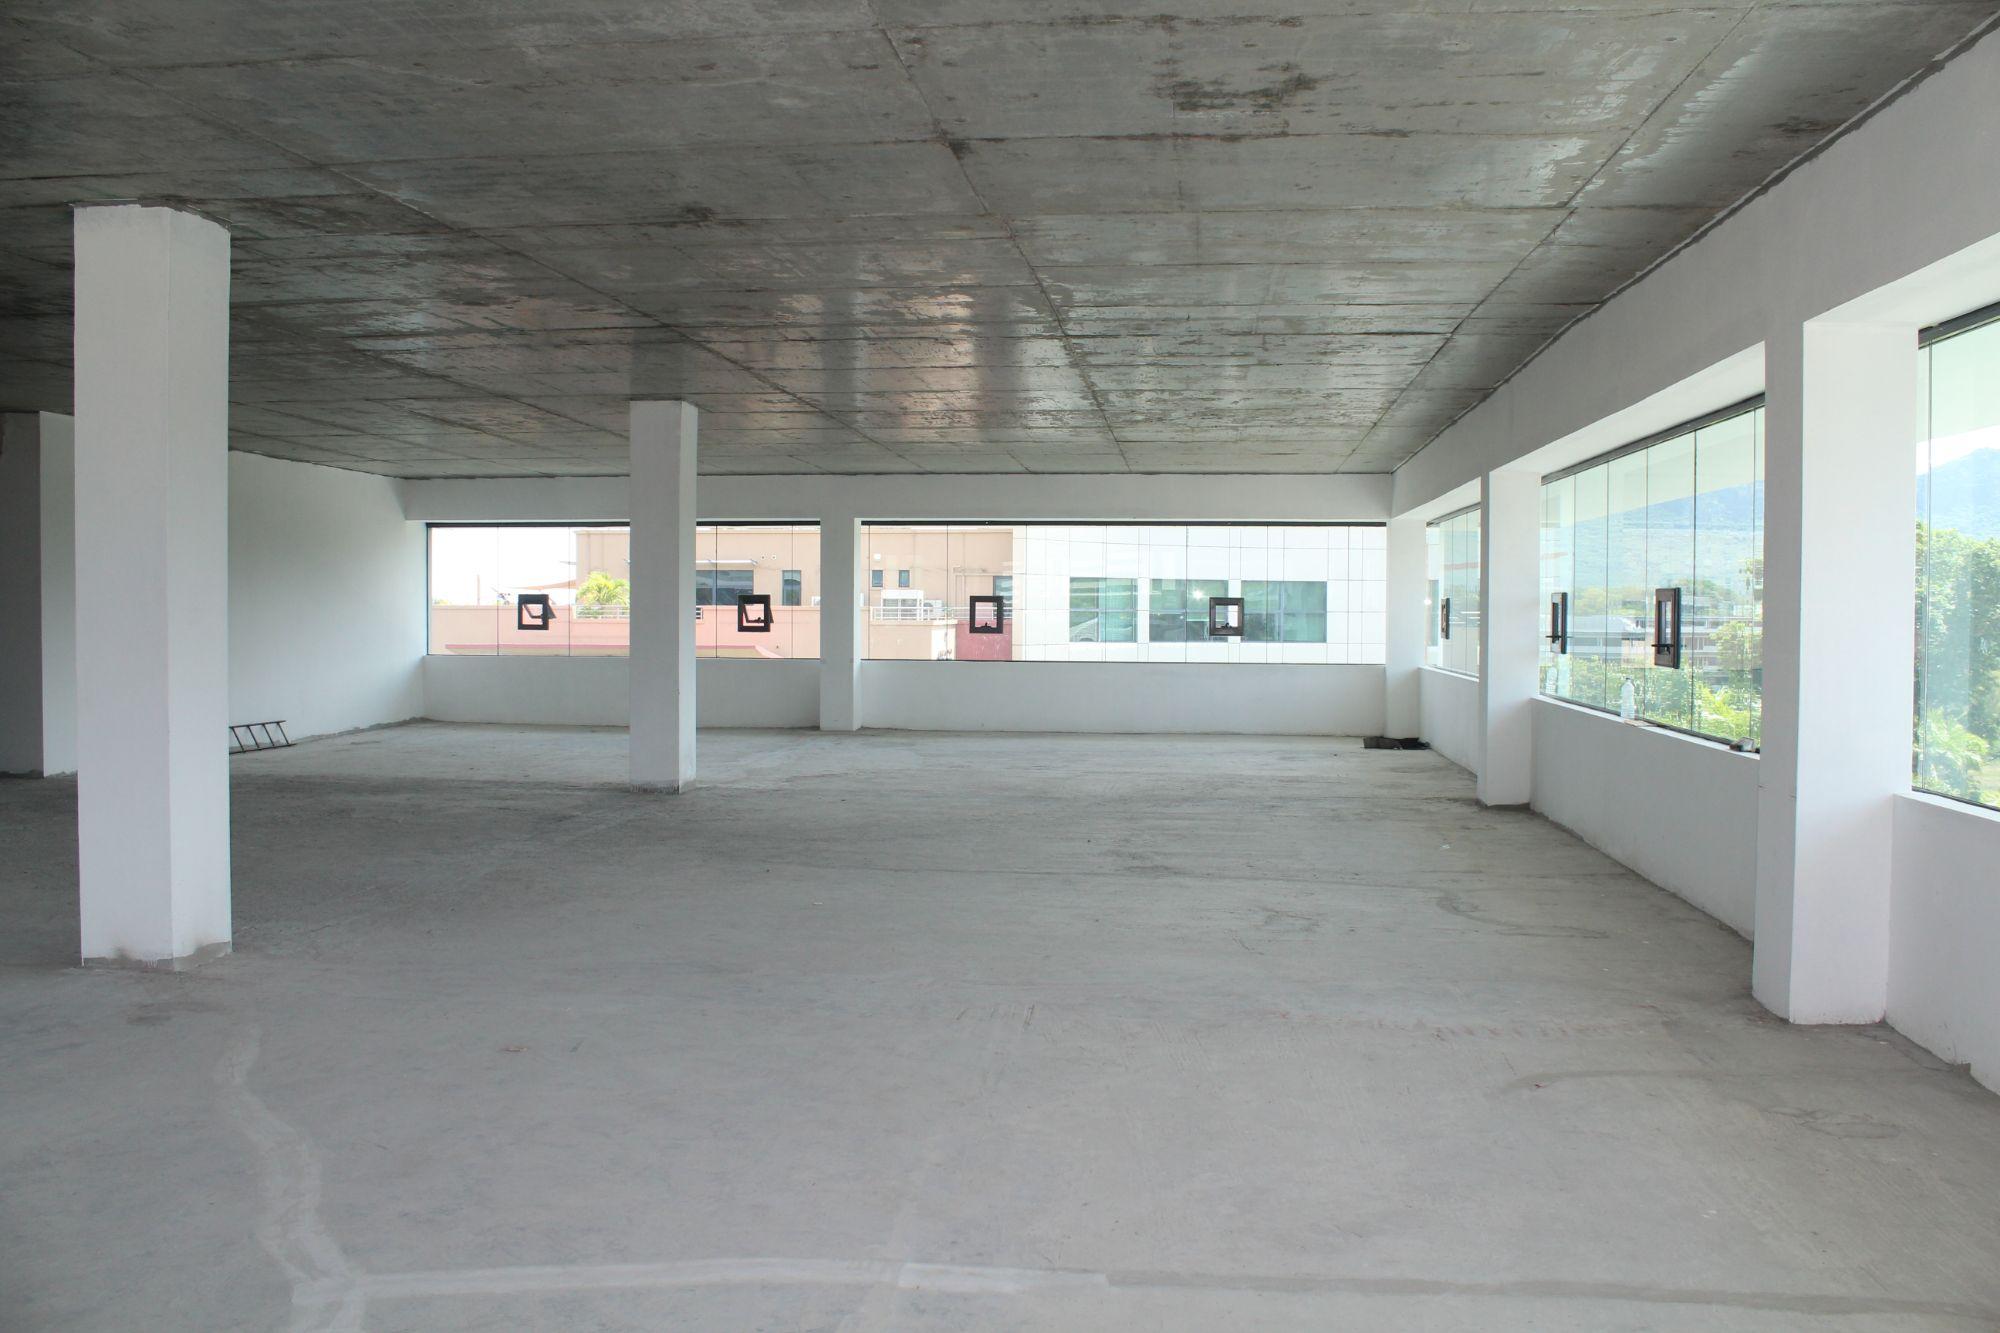 Espace bureau non-meublé de 823.44 M2 situé au 4ème étage, sécurisé 24/7 d'un bâtiment, proche de toutes commodités à Ebène